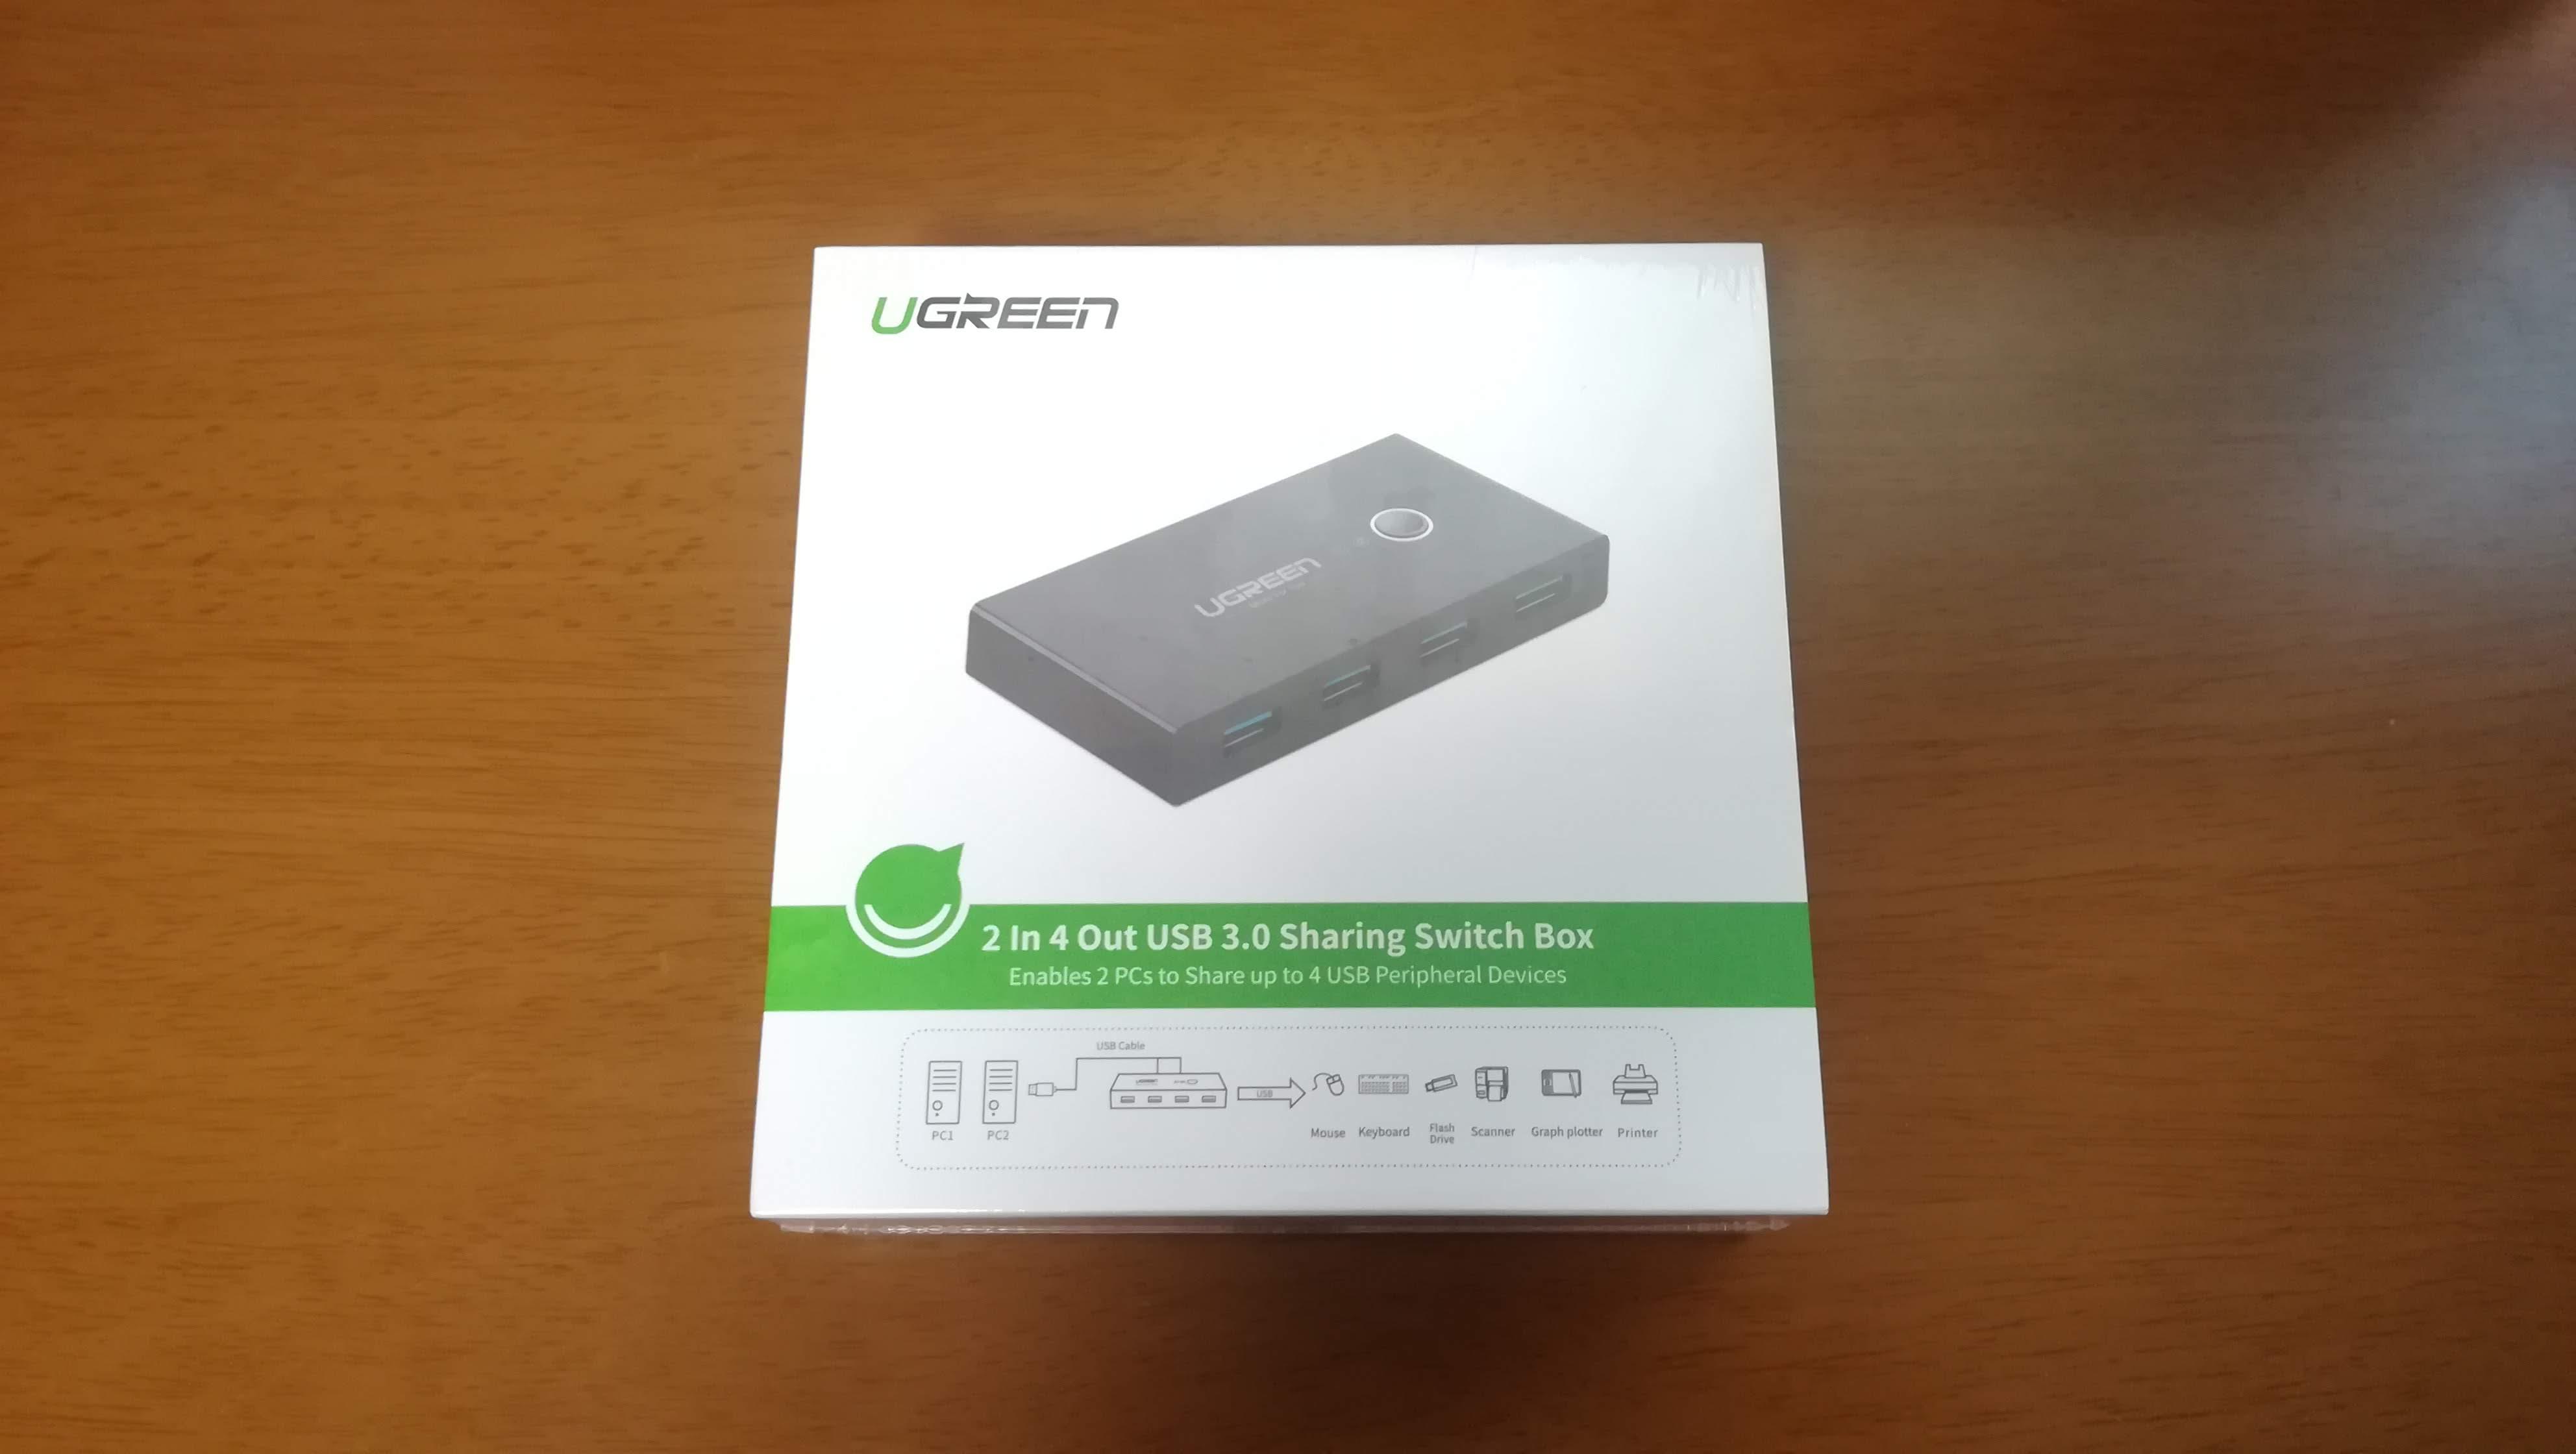 【UGREEN】USB切替器レビュー!PC2台間でキーボードもメモリもワンタッチで切り替え可能!【おすすめ】